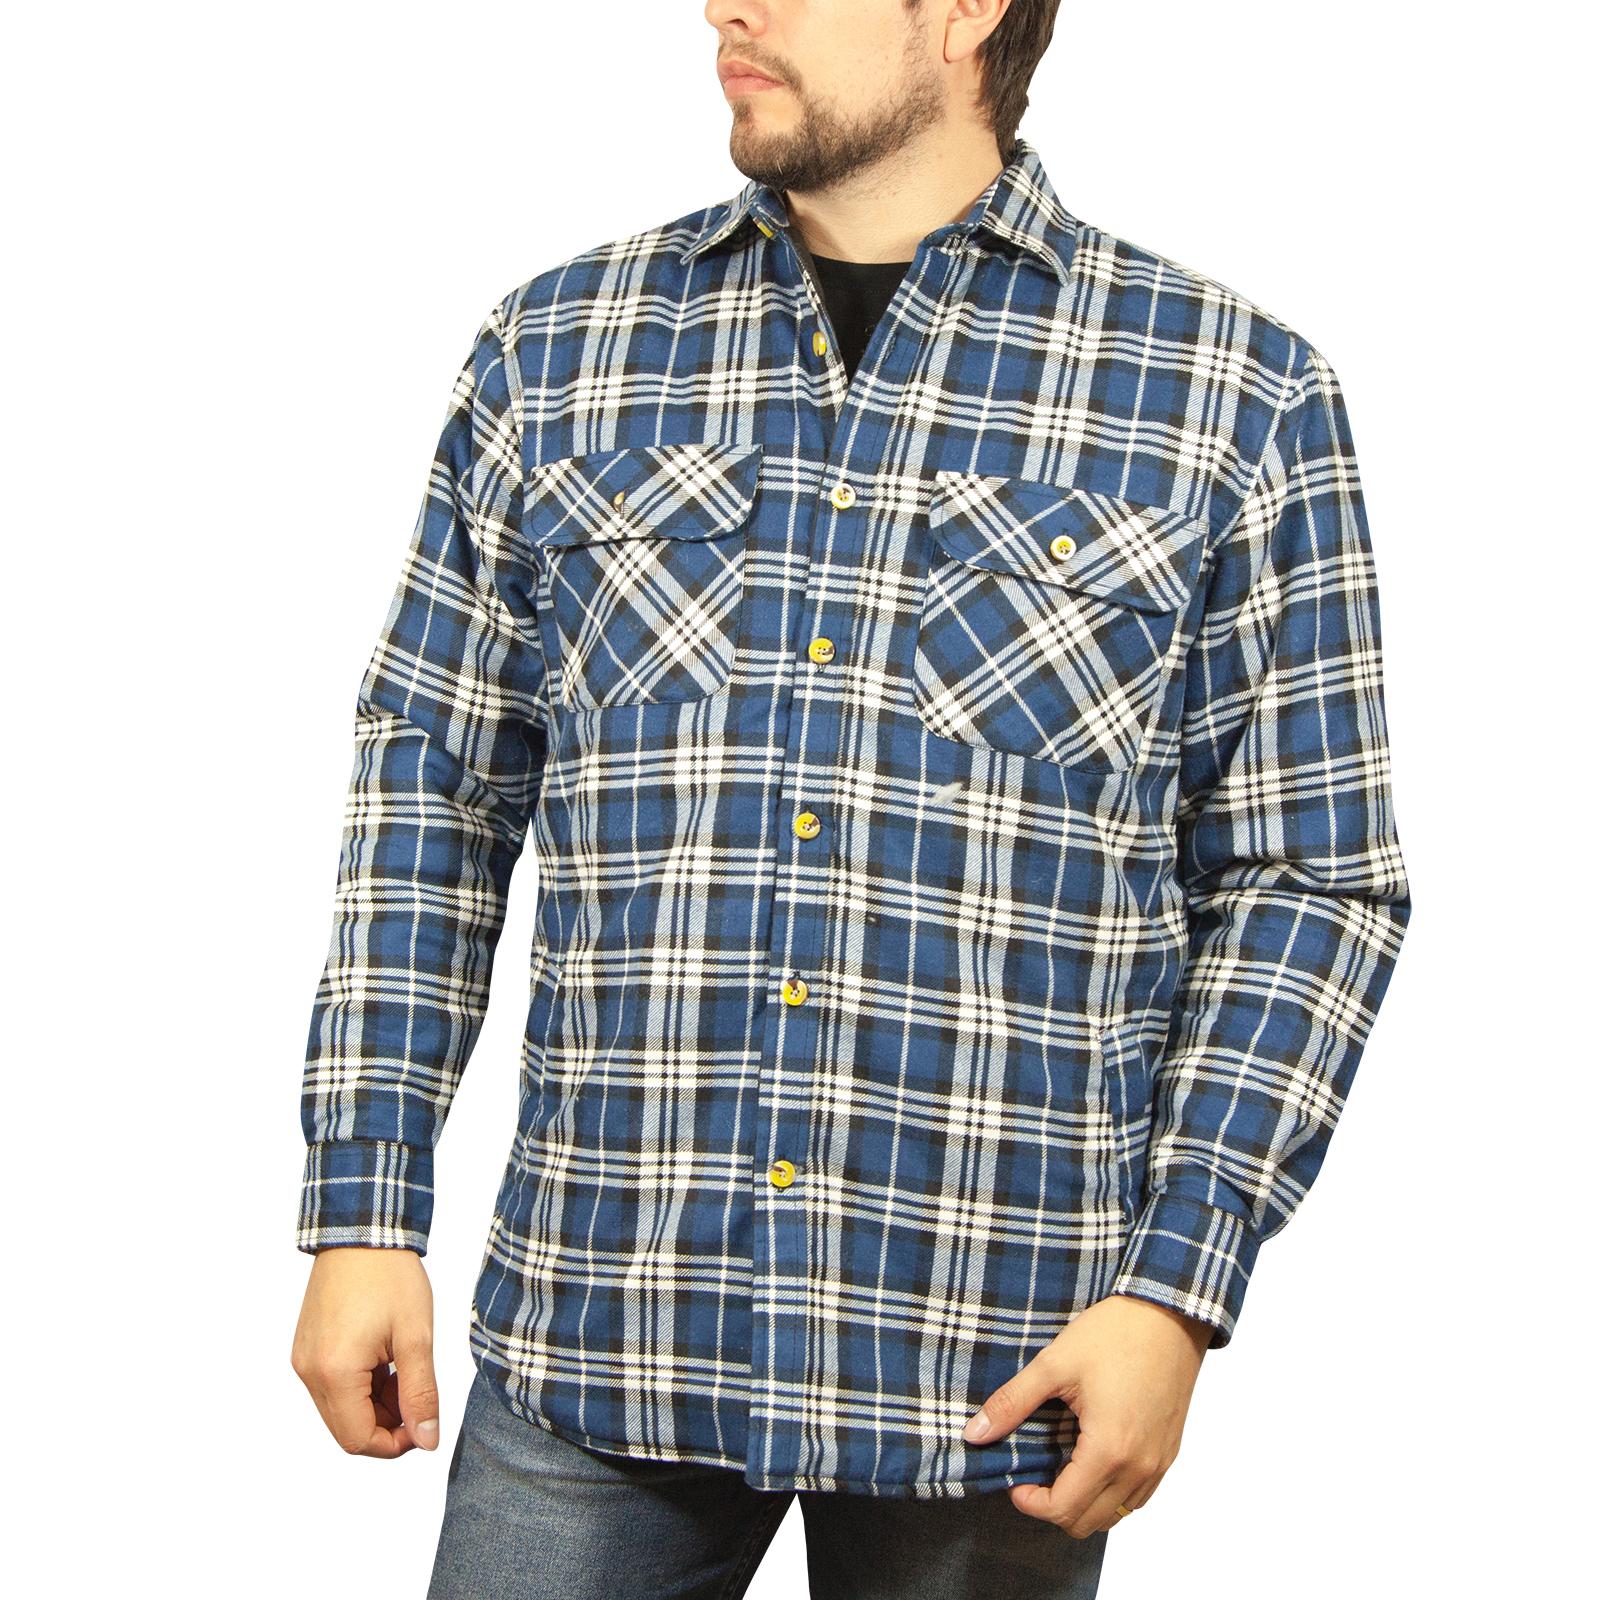 Chaqueta-Acolchada-flanelita-Camisa-Hombre-100-algodon-acolchado-caliente-de-invierno-franela miniatura 32